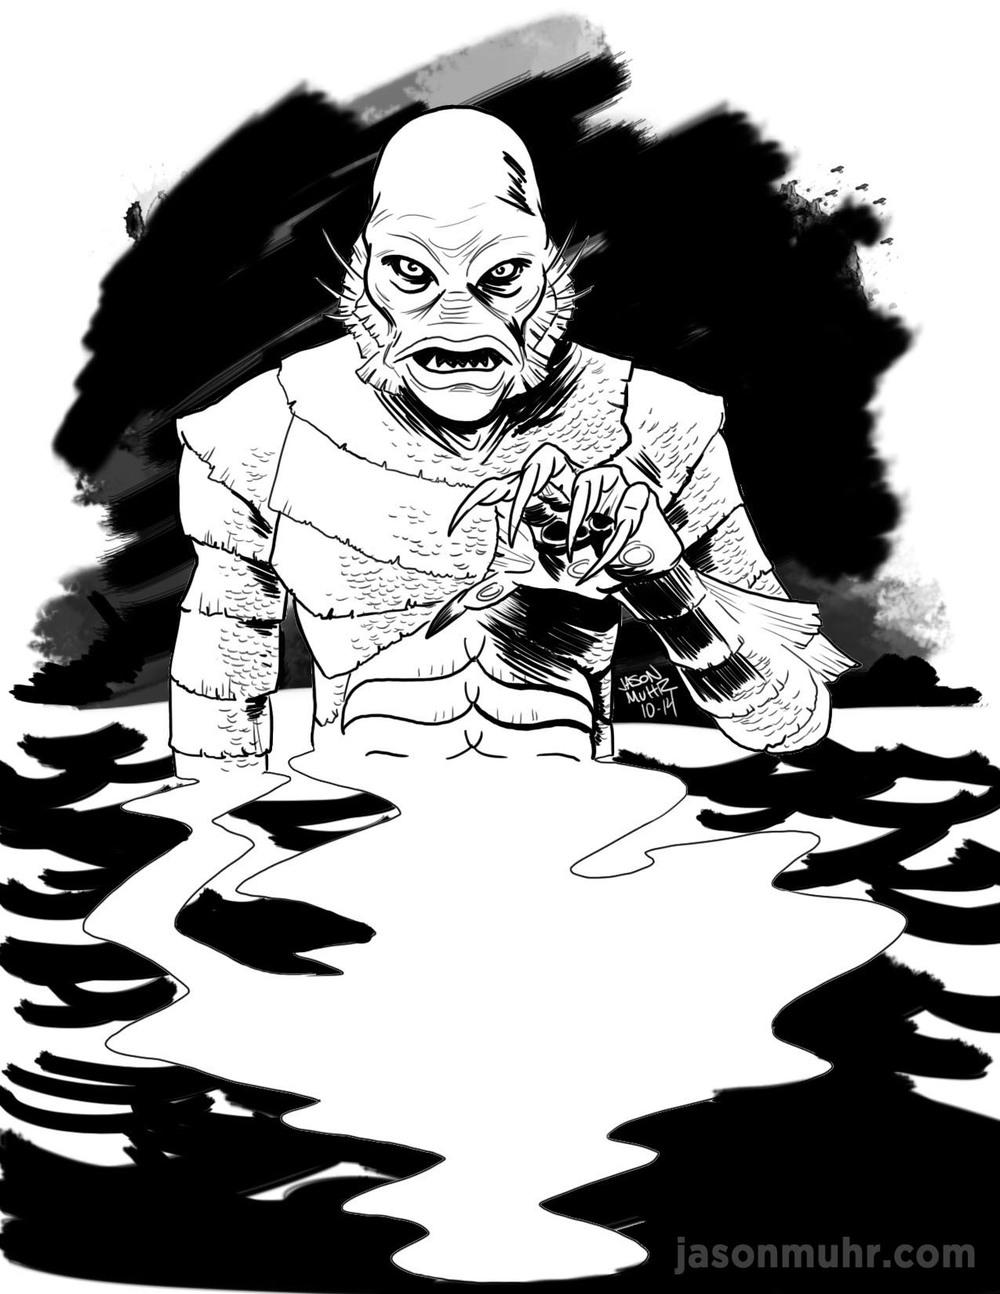 creature black lagoon jason muhr.jpeg